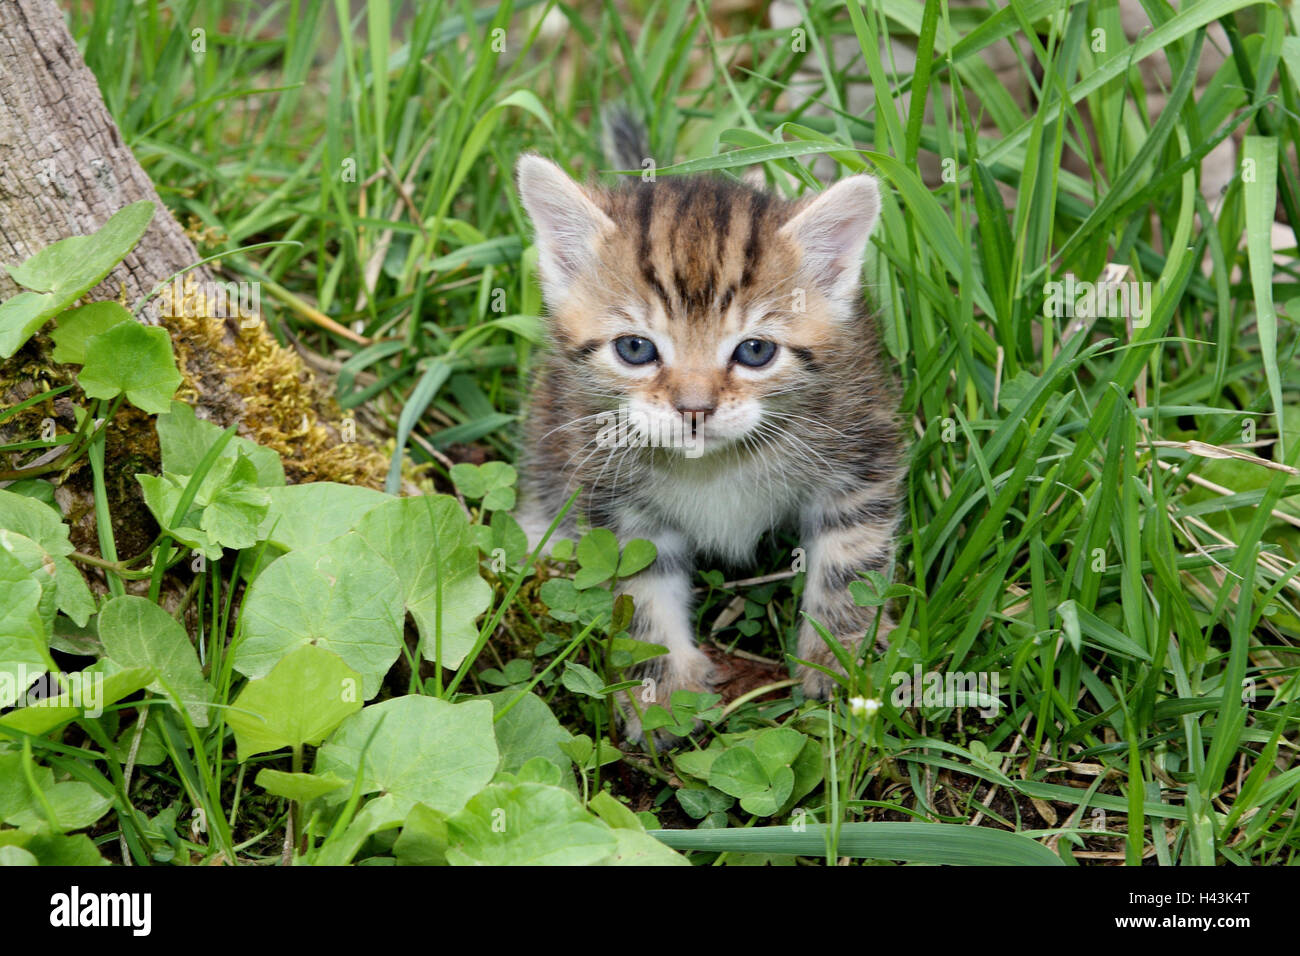 Animali Da Esterno gatto, giovani, esegui, prato, giardino, animali mammiferi